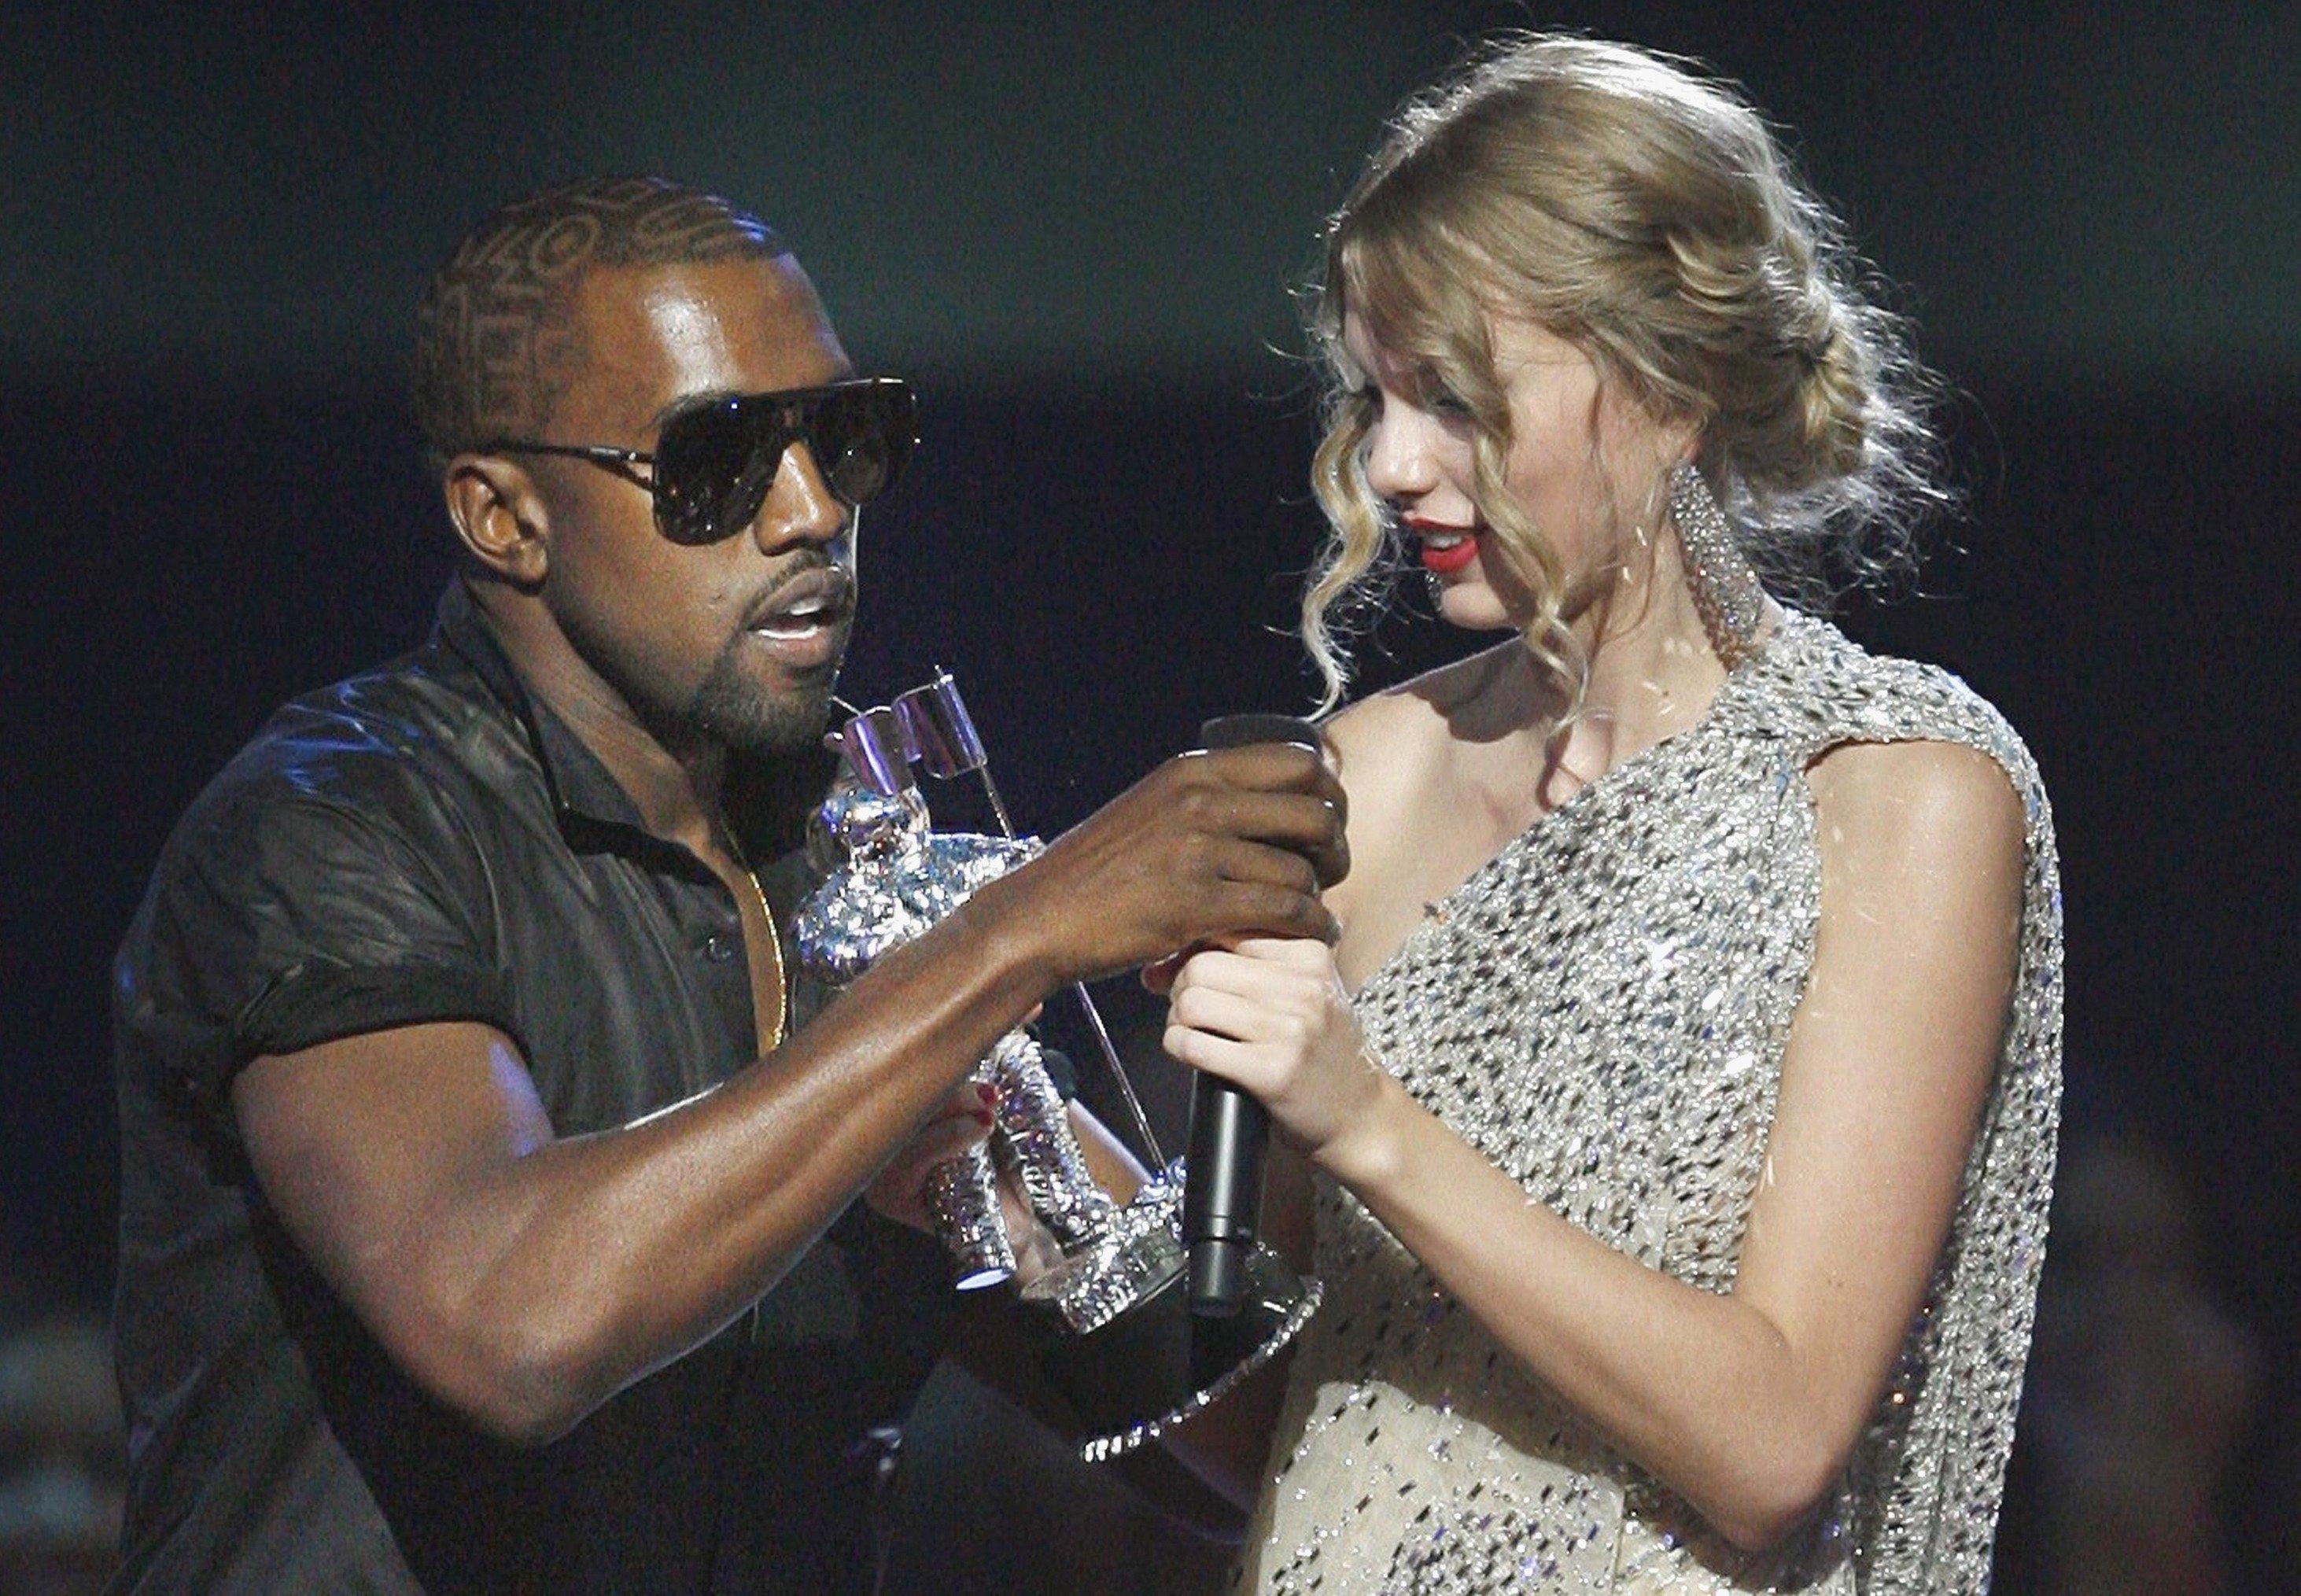 Taylor e Kanye já vivenciaram várias polêmicas